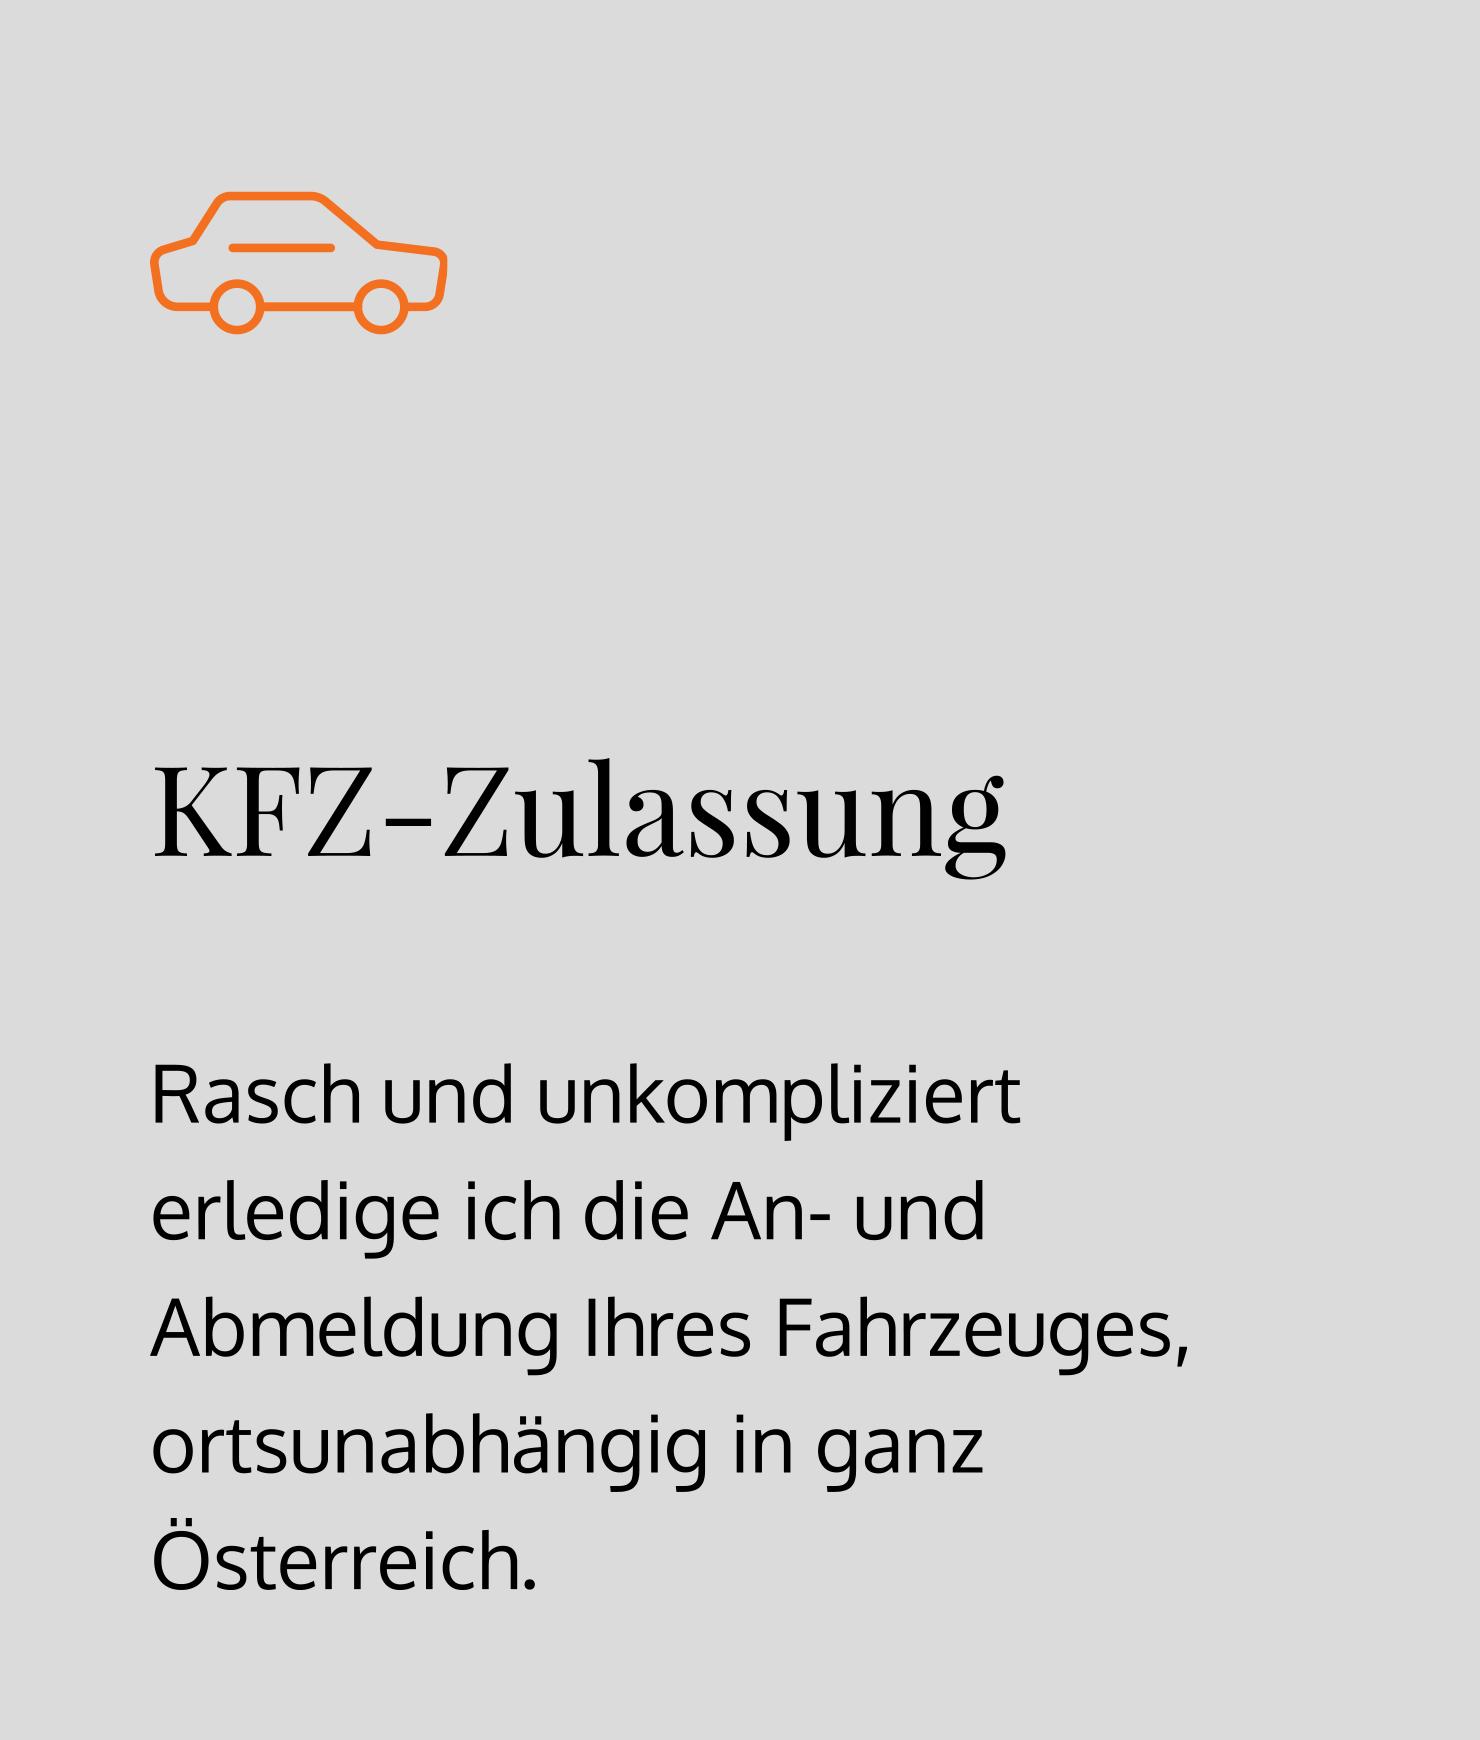 nm-kfz